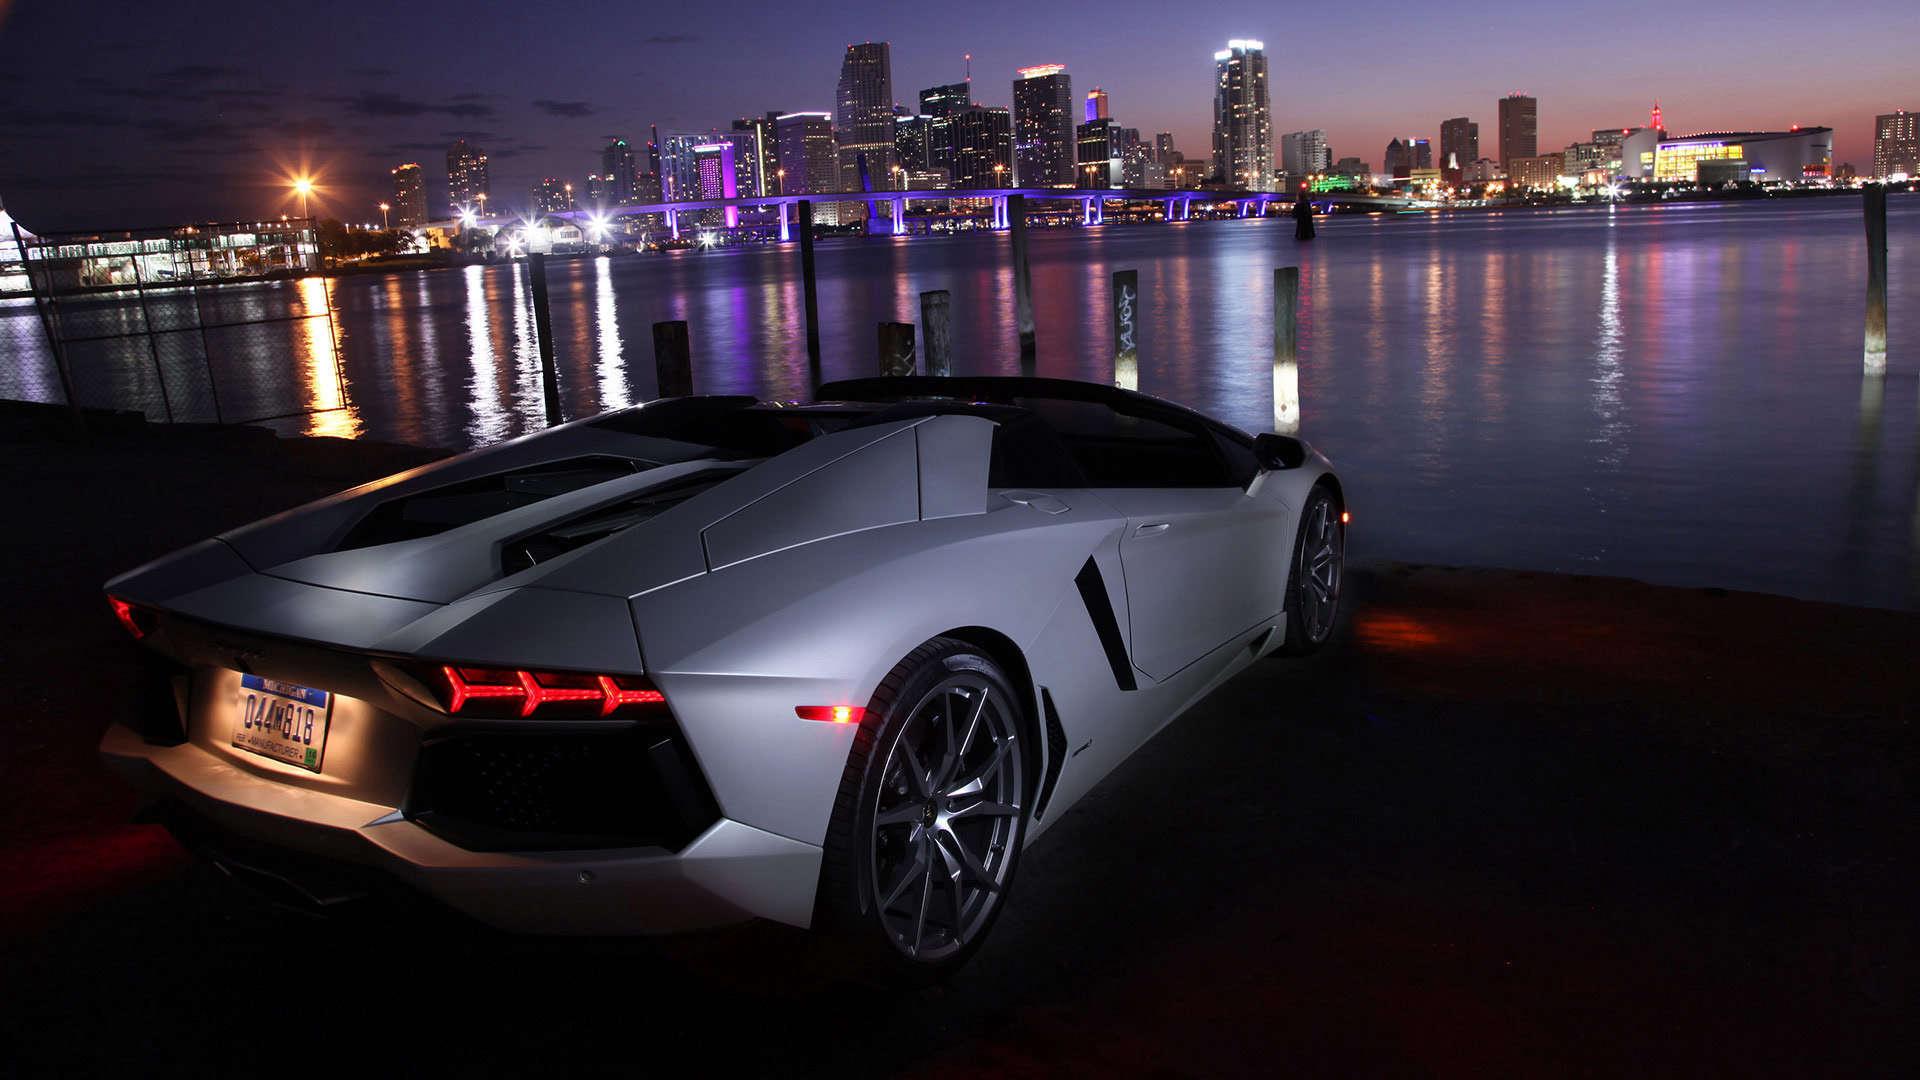 Lamborghini Wallpaper 1080p Wallpapersafari